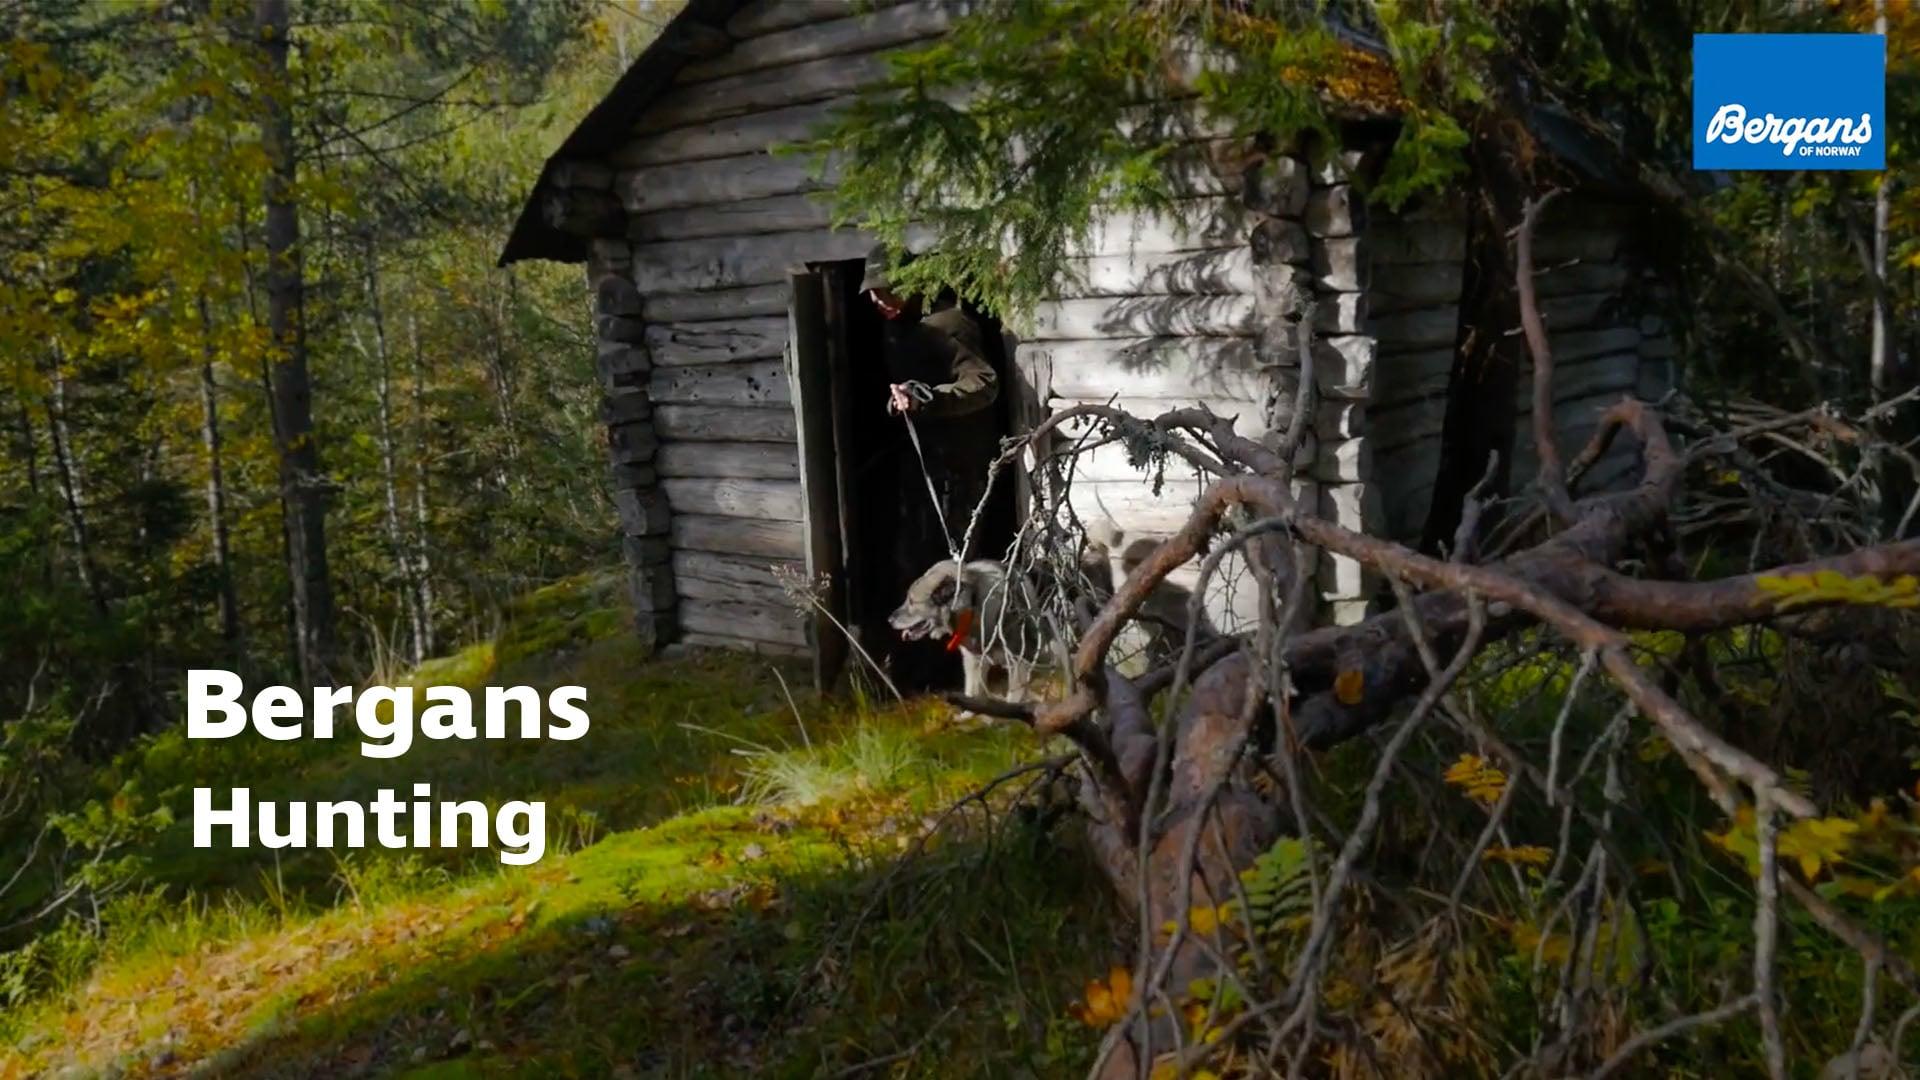 Bergans Hunting